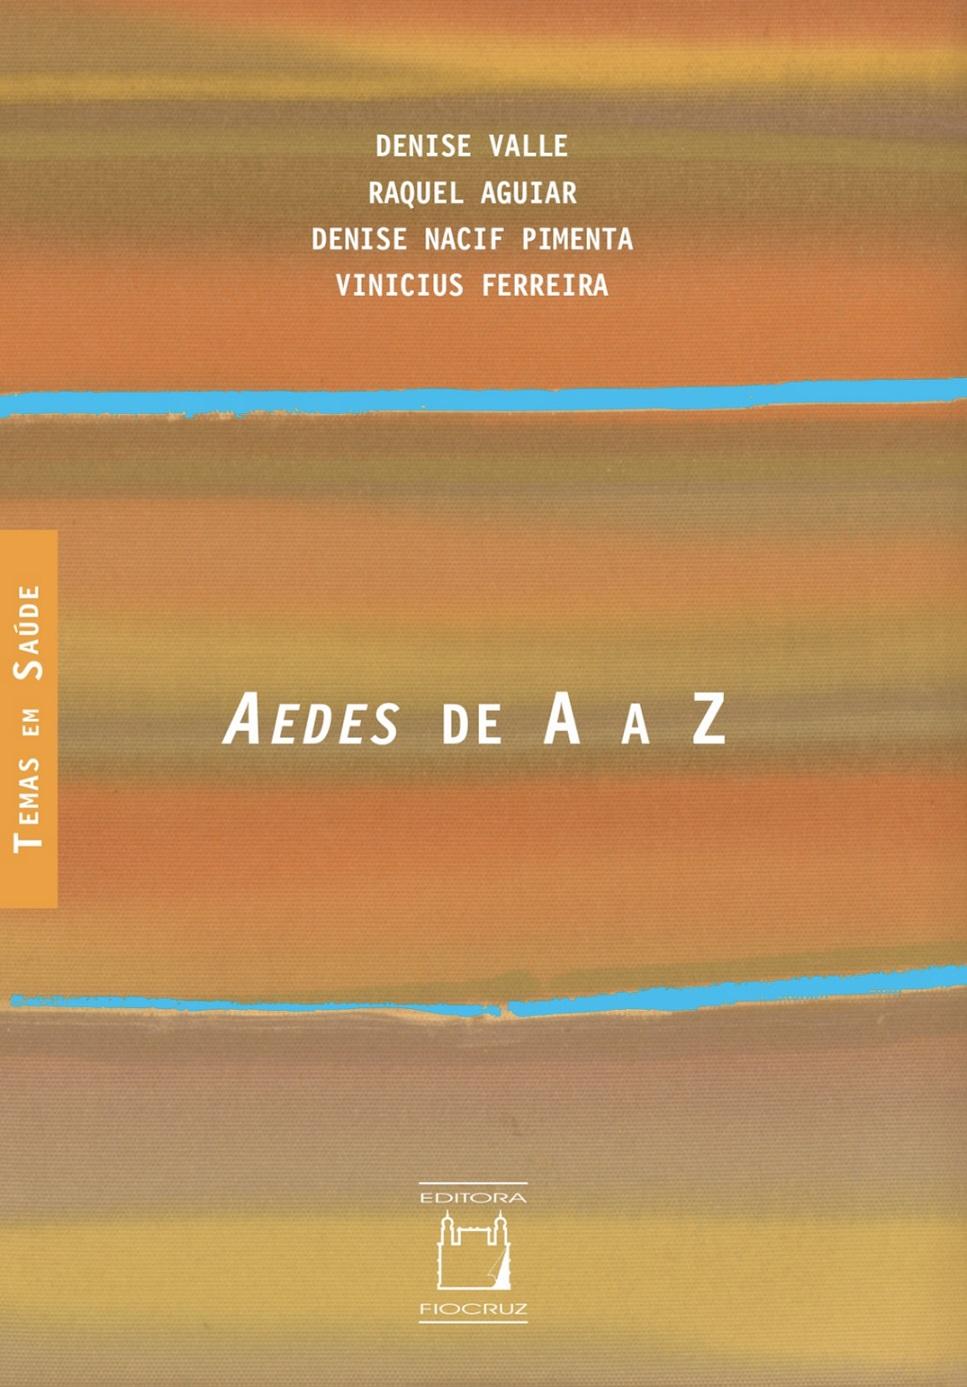 Aedes de A a Z  - Livraria Virtual da Editora Fiocruz